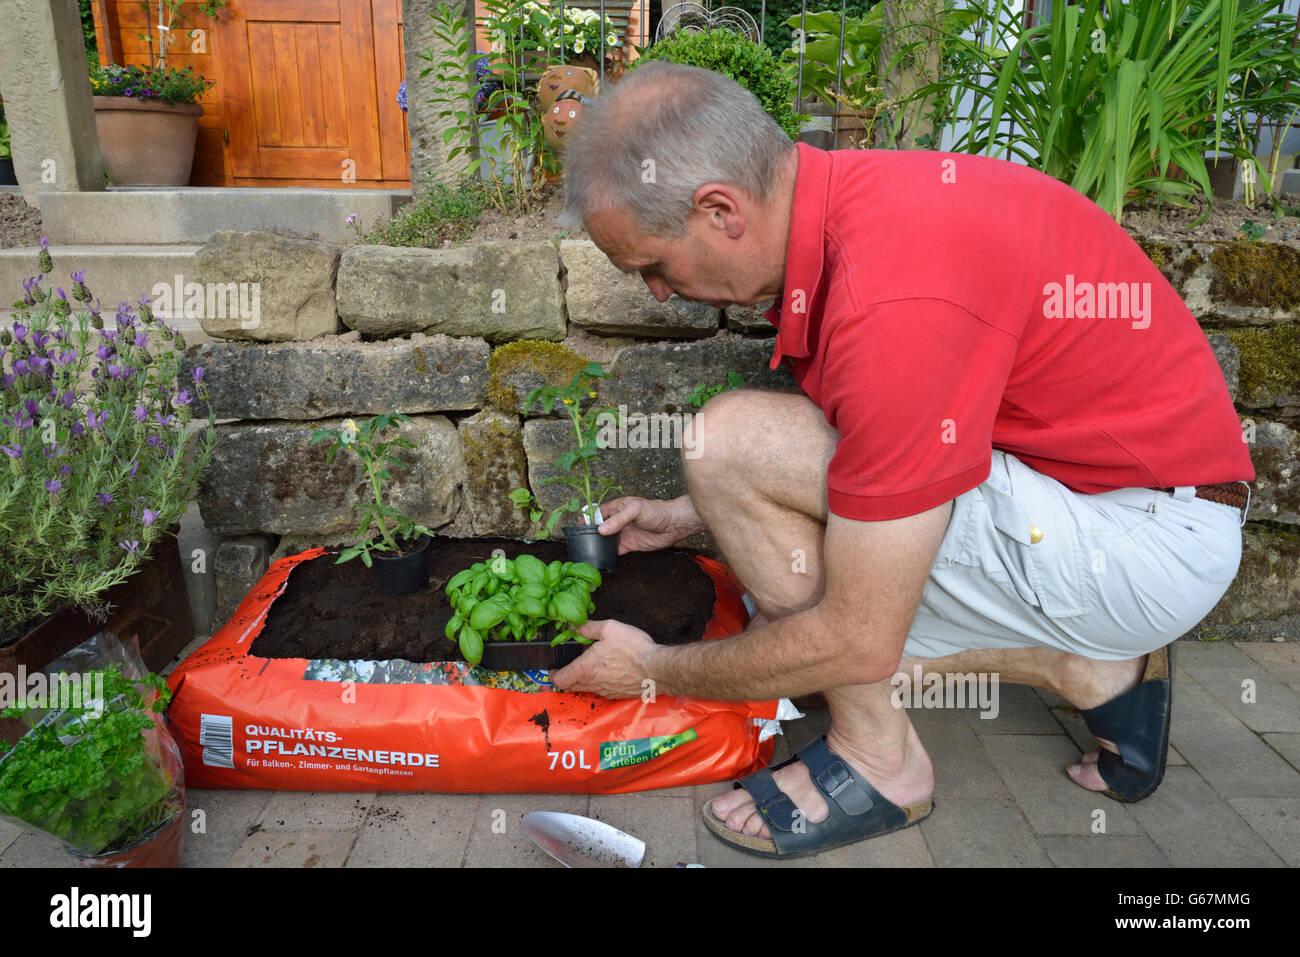 Planting bag of flower soil - Stock Image